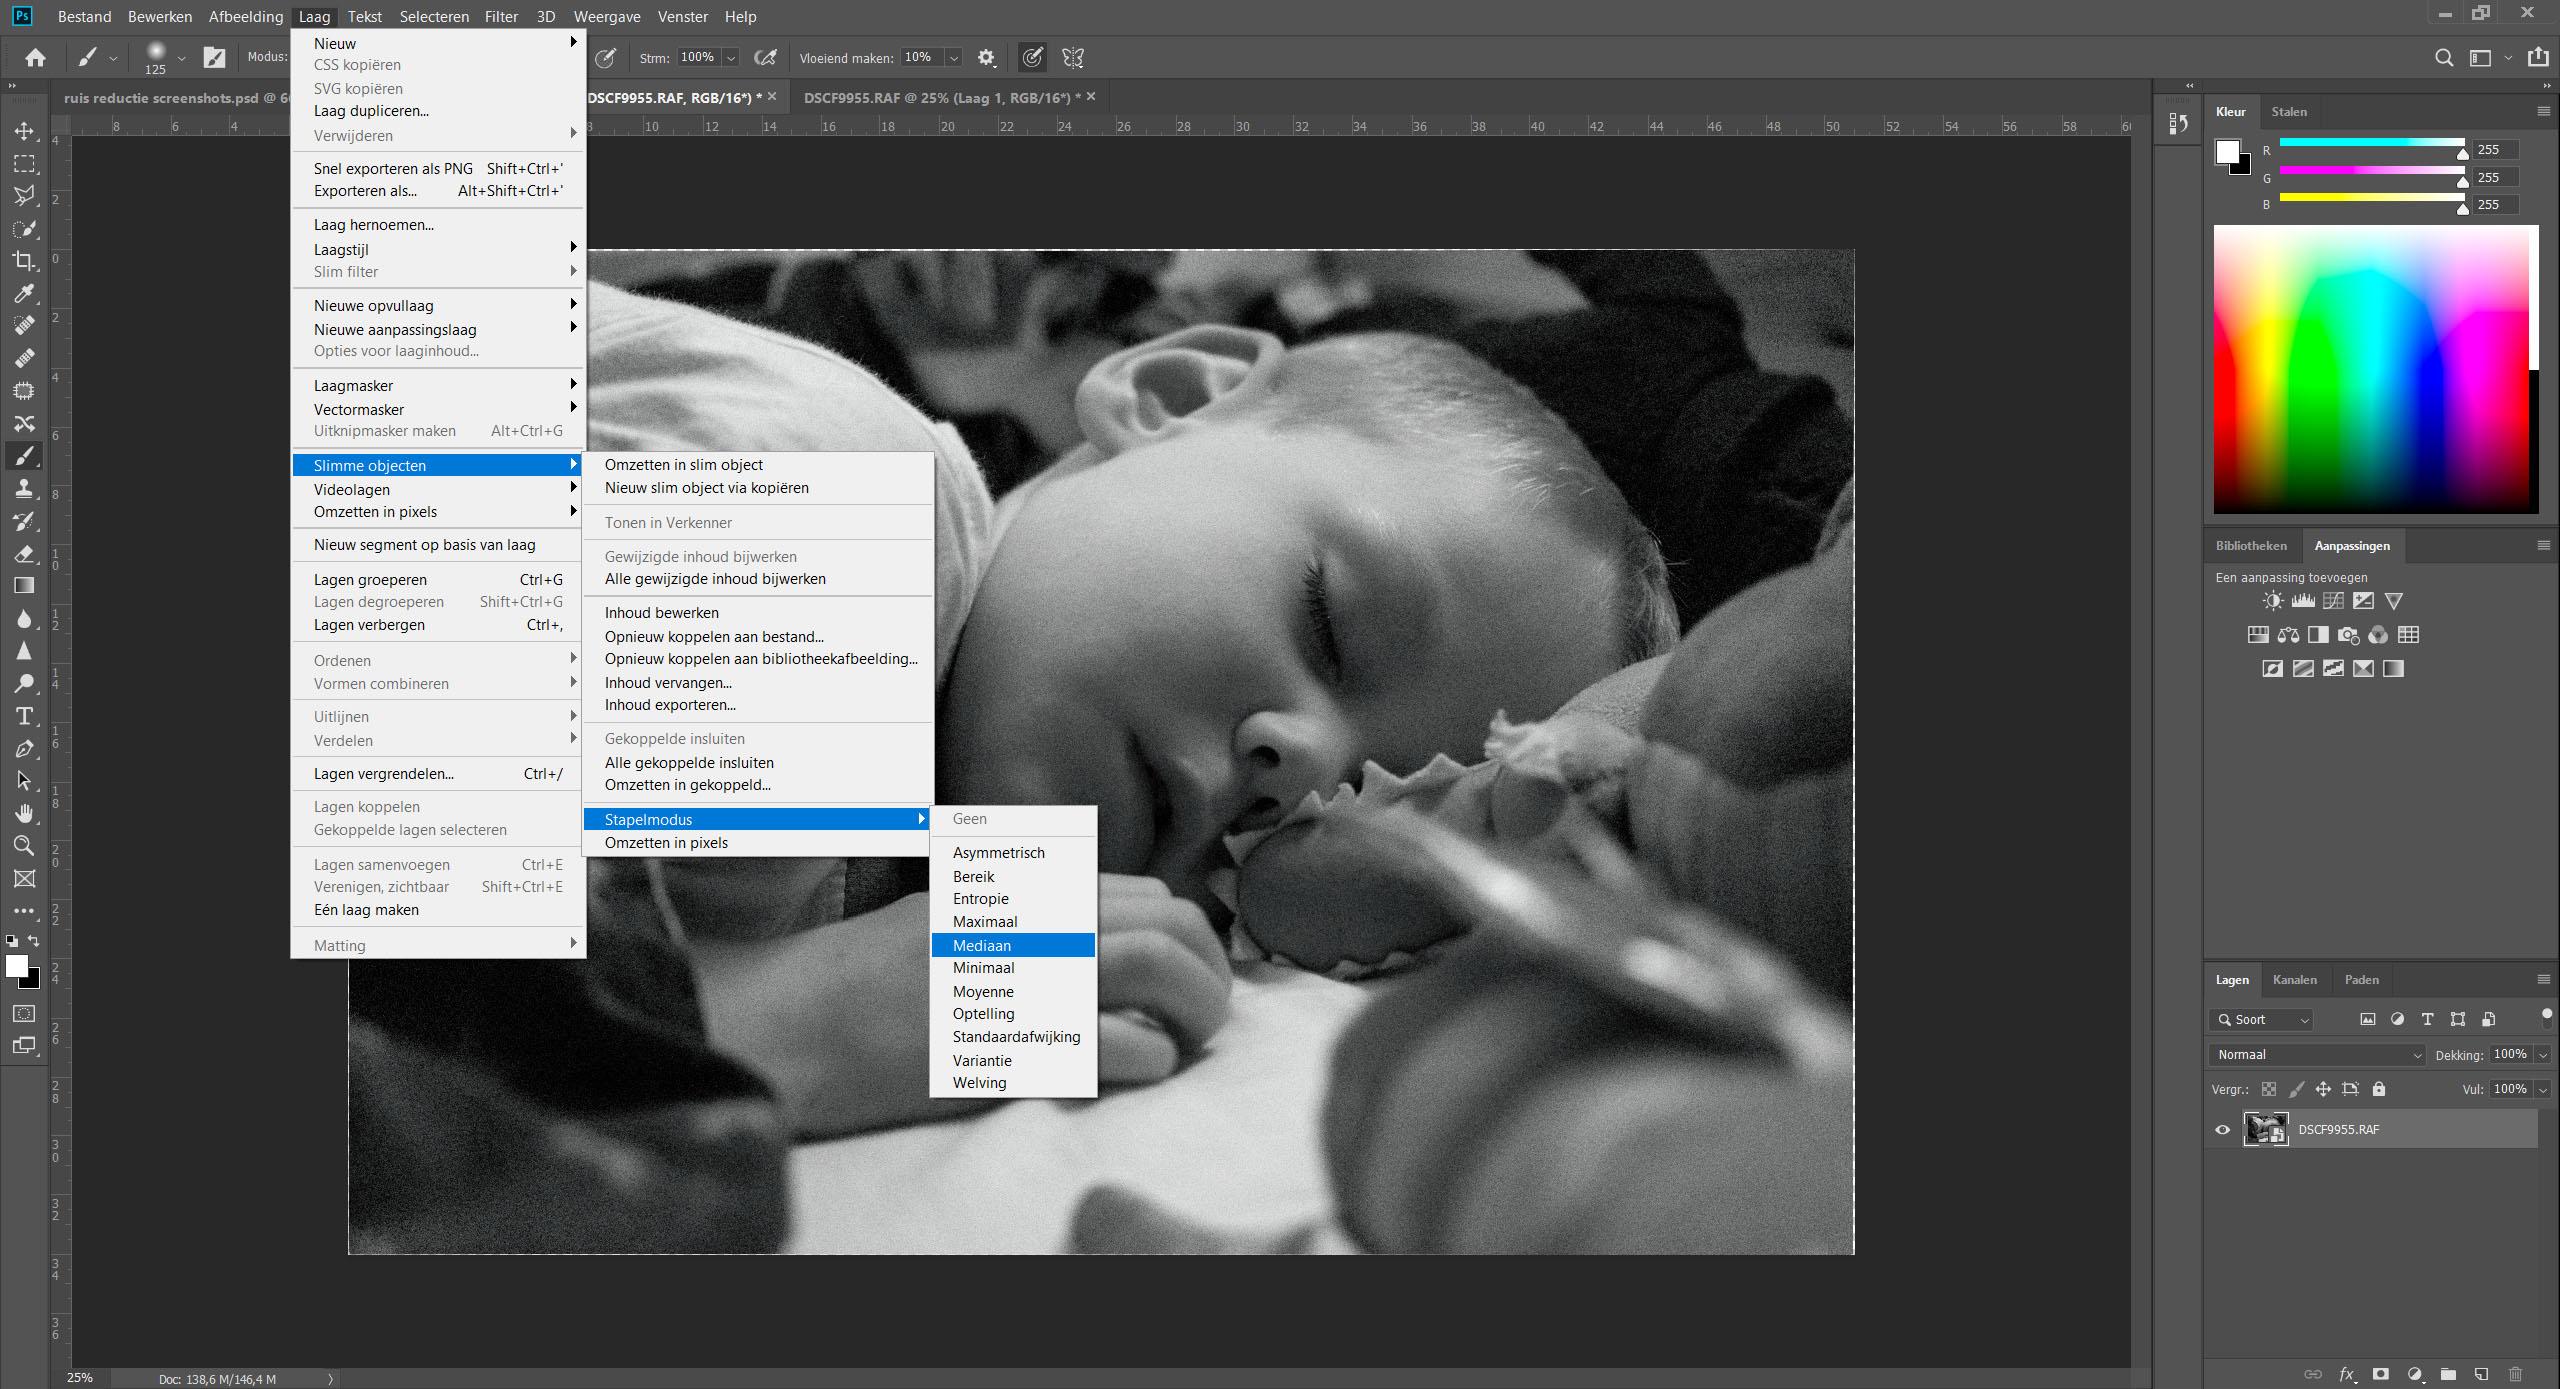 Voorbeeld van instellen van de stapelmodus bij een slim object in photoshop voor ruis verwijdering